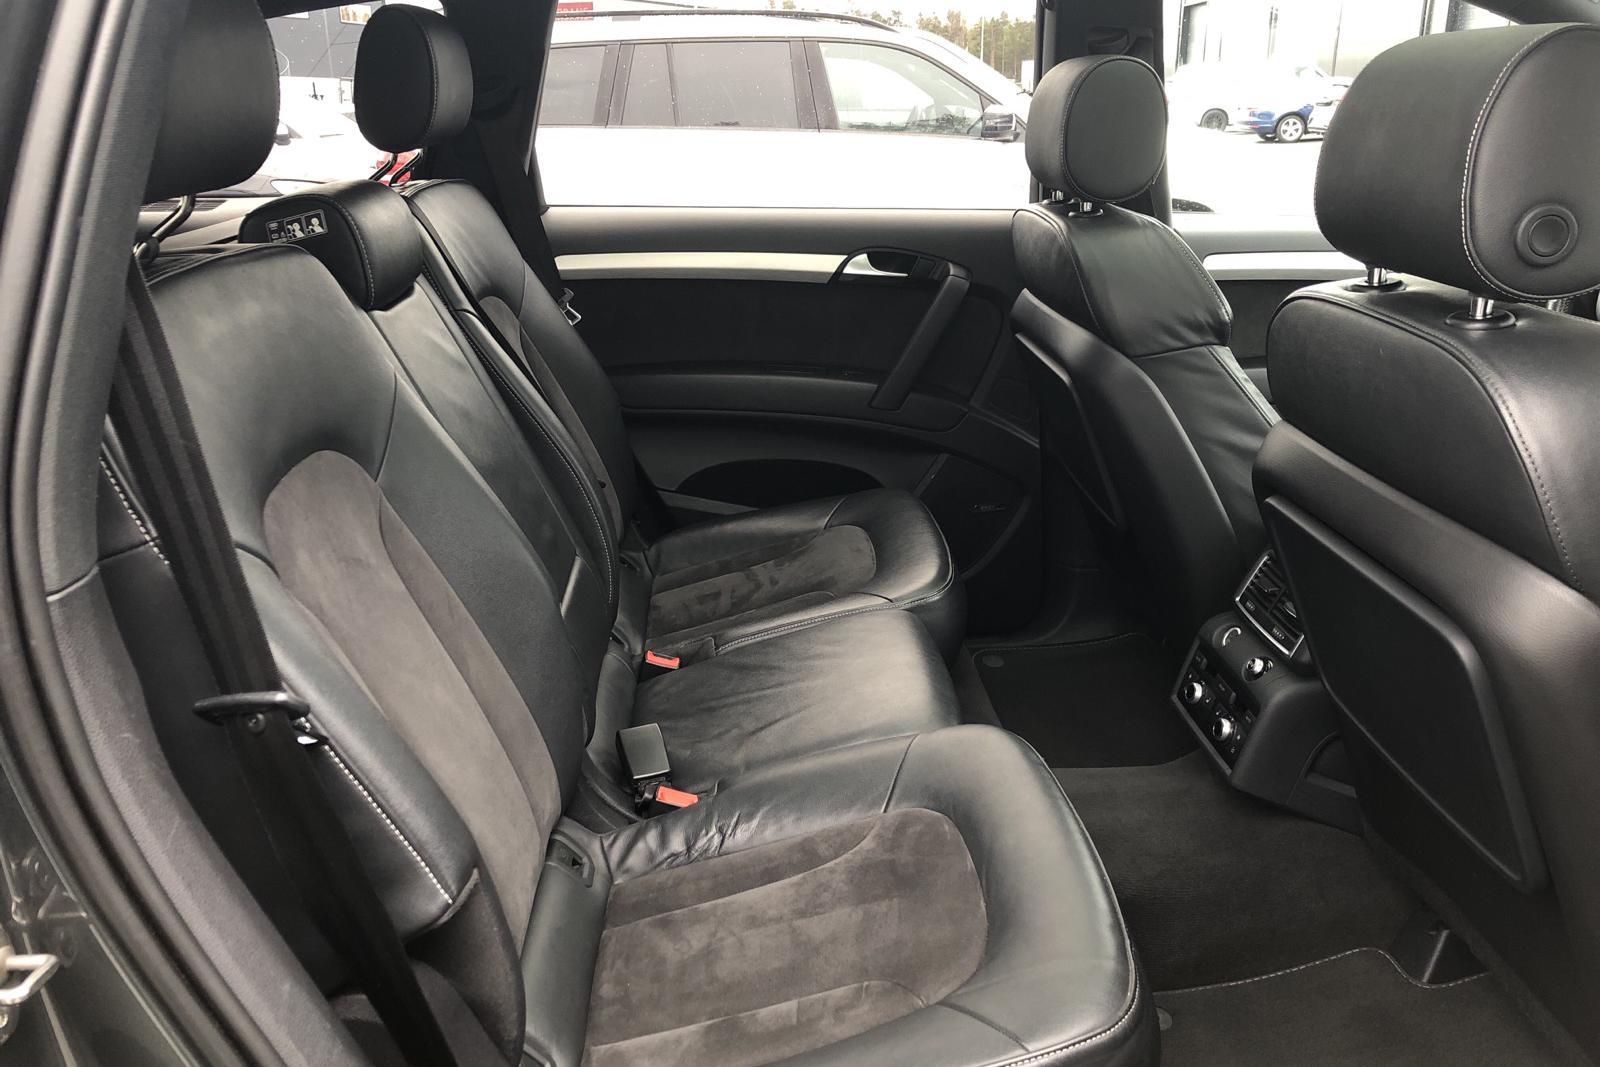 Audi Q7 4.2 TDI quattro (340hk) - 168 910 km - Automatic - gray - 2012